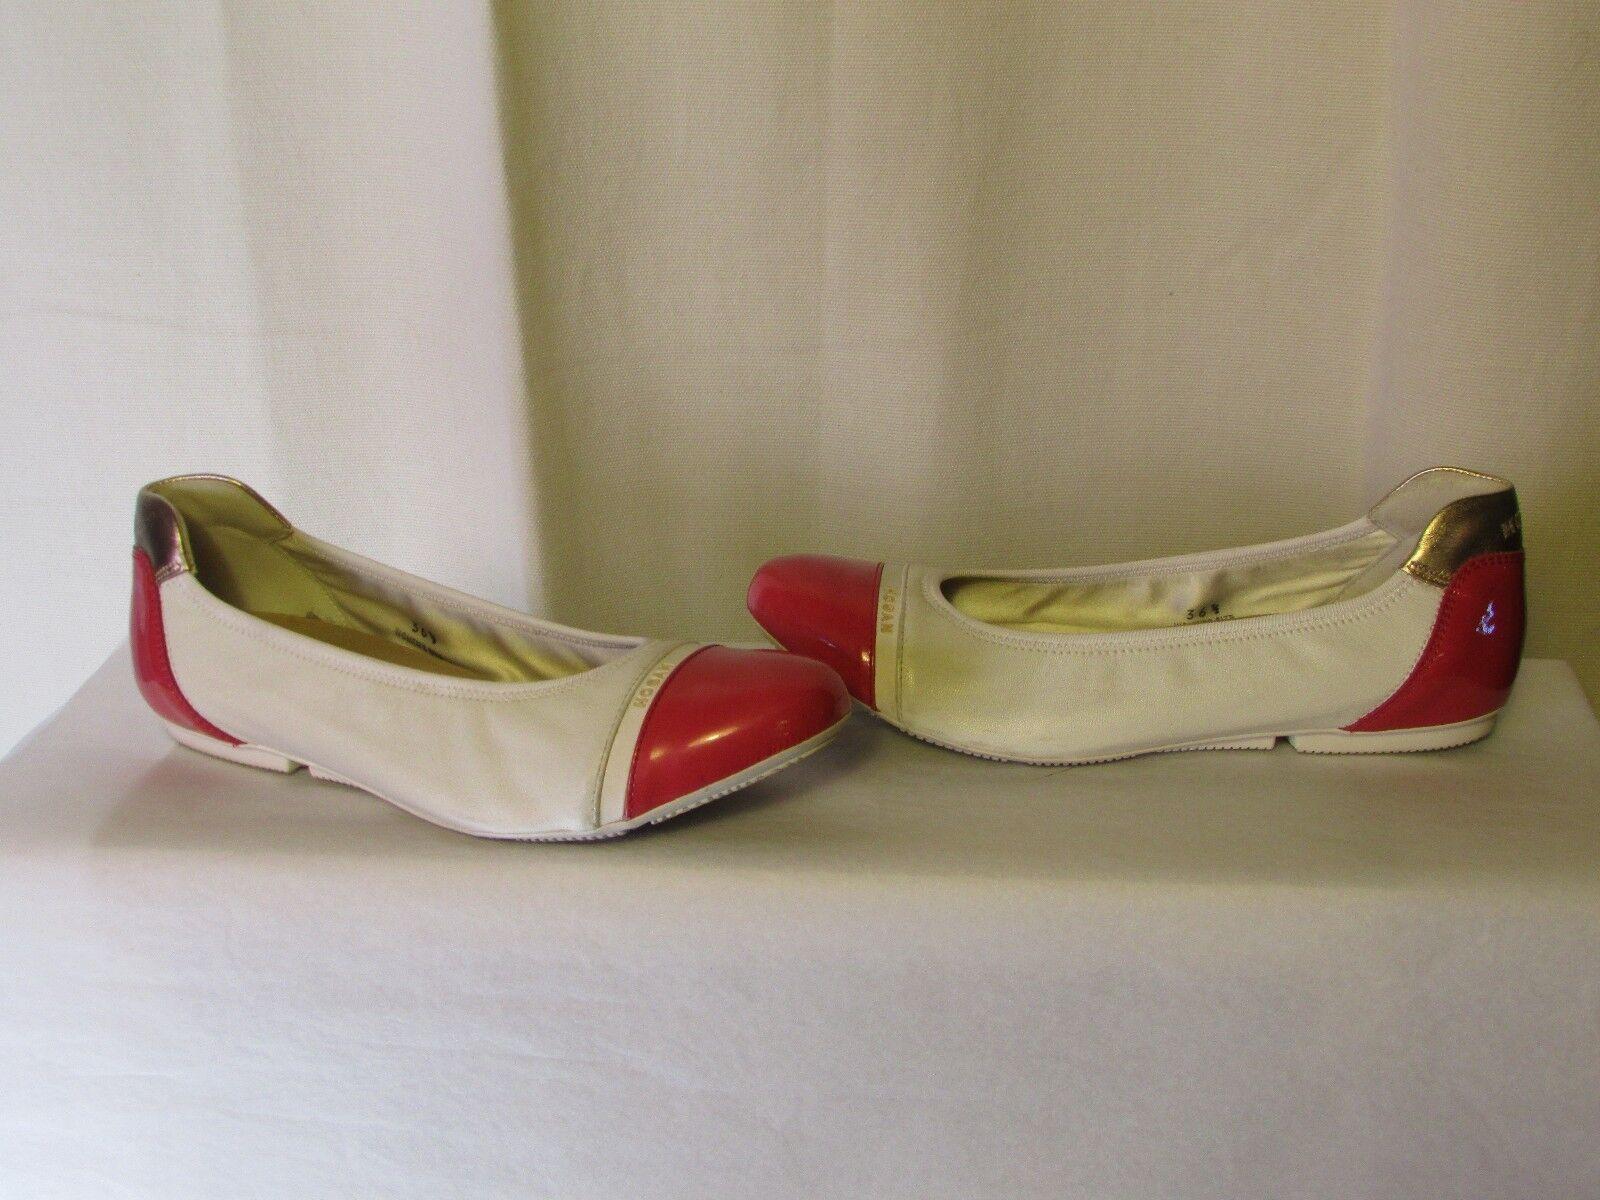 Ballerine HOGAN pelle verniciato fucsia e cuoio bianco 36,5